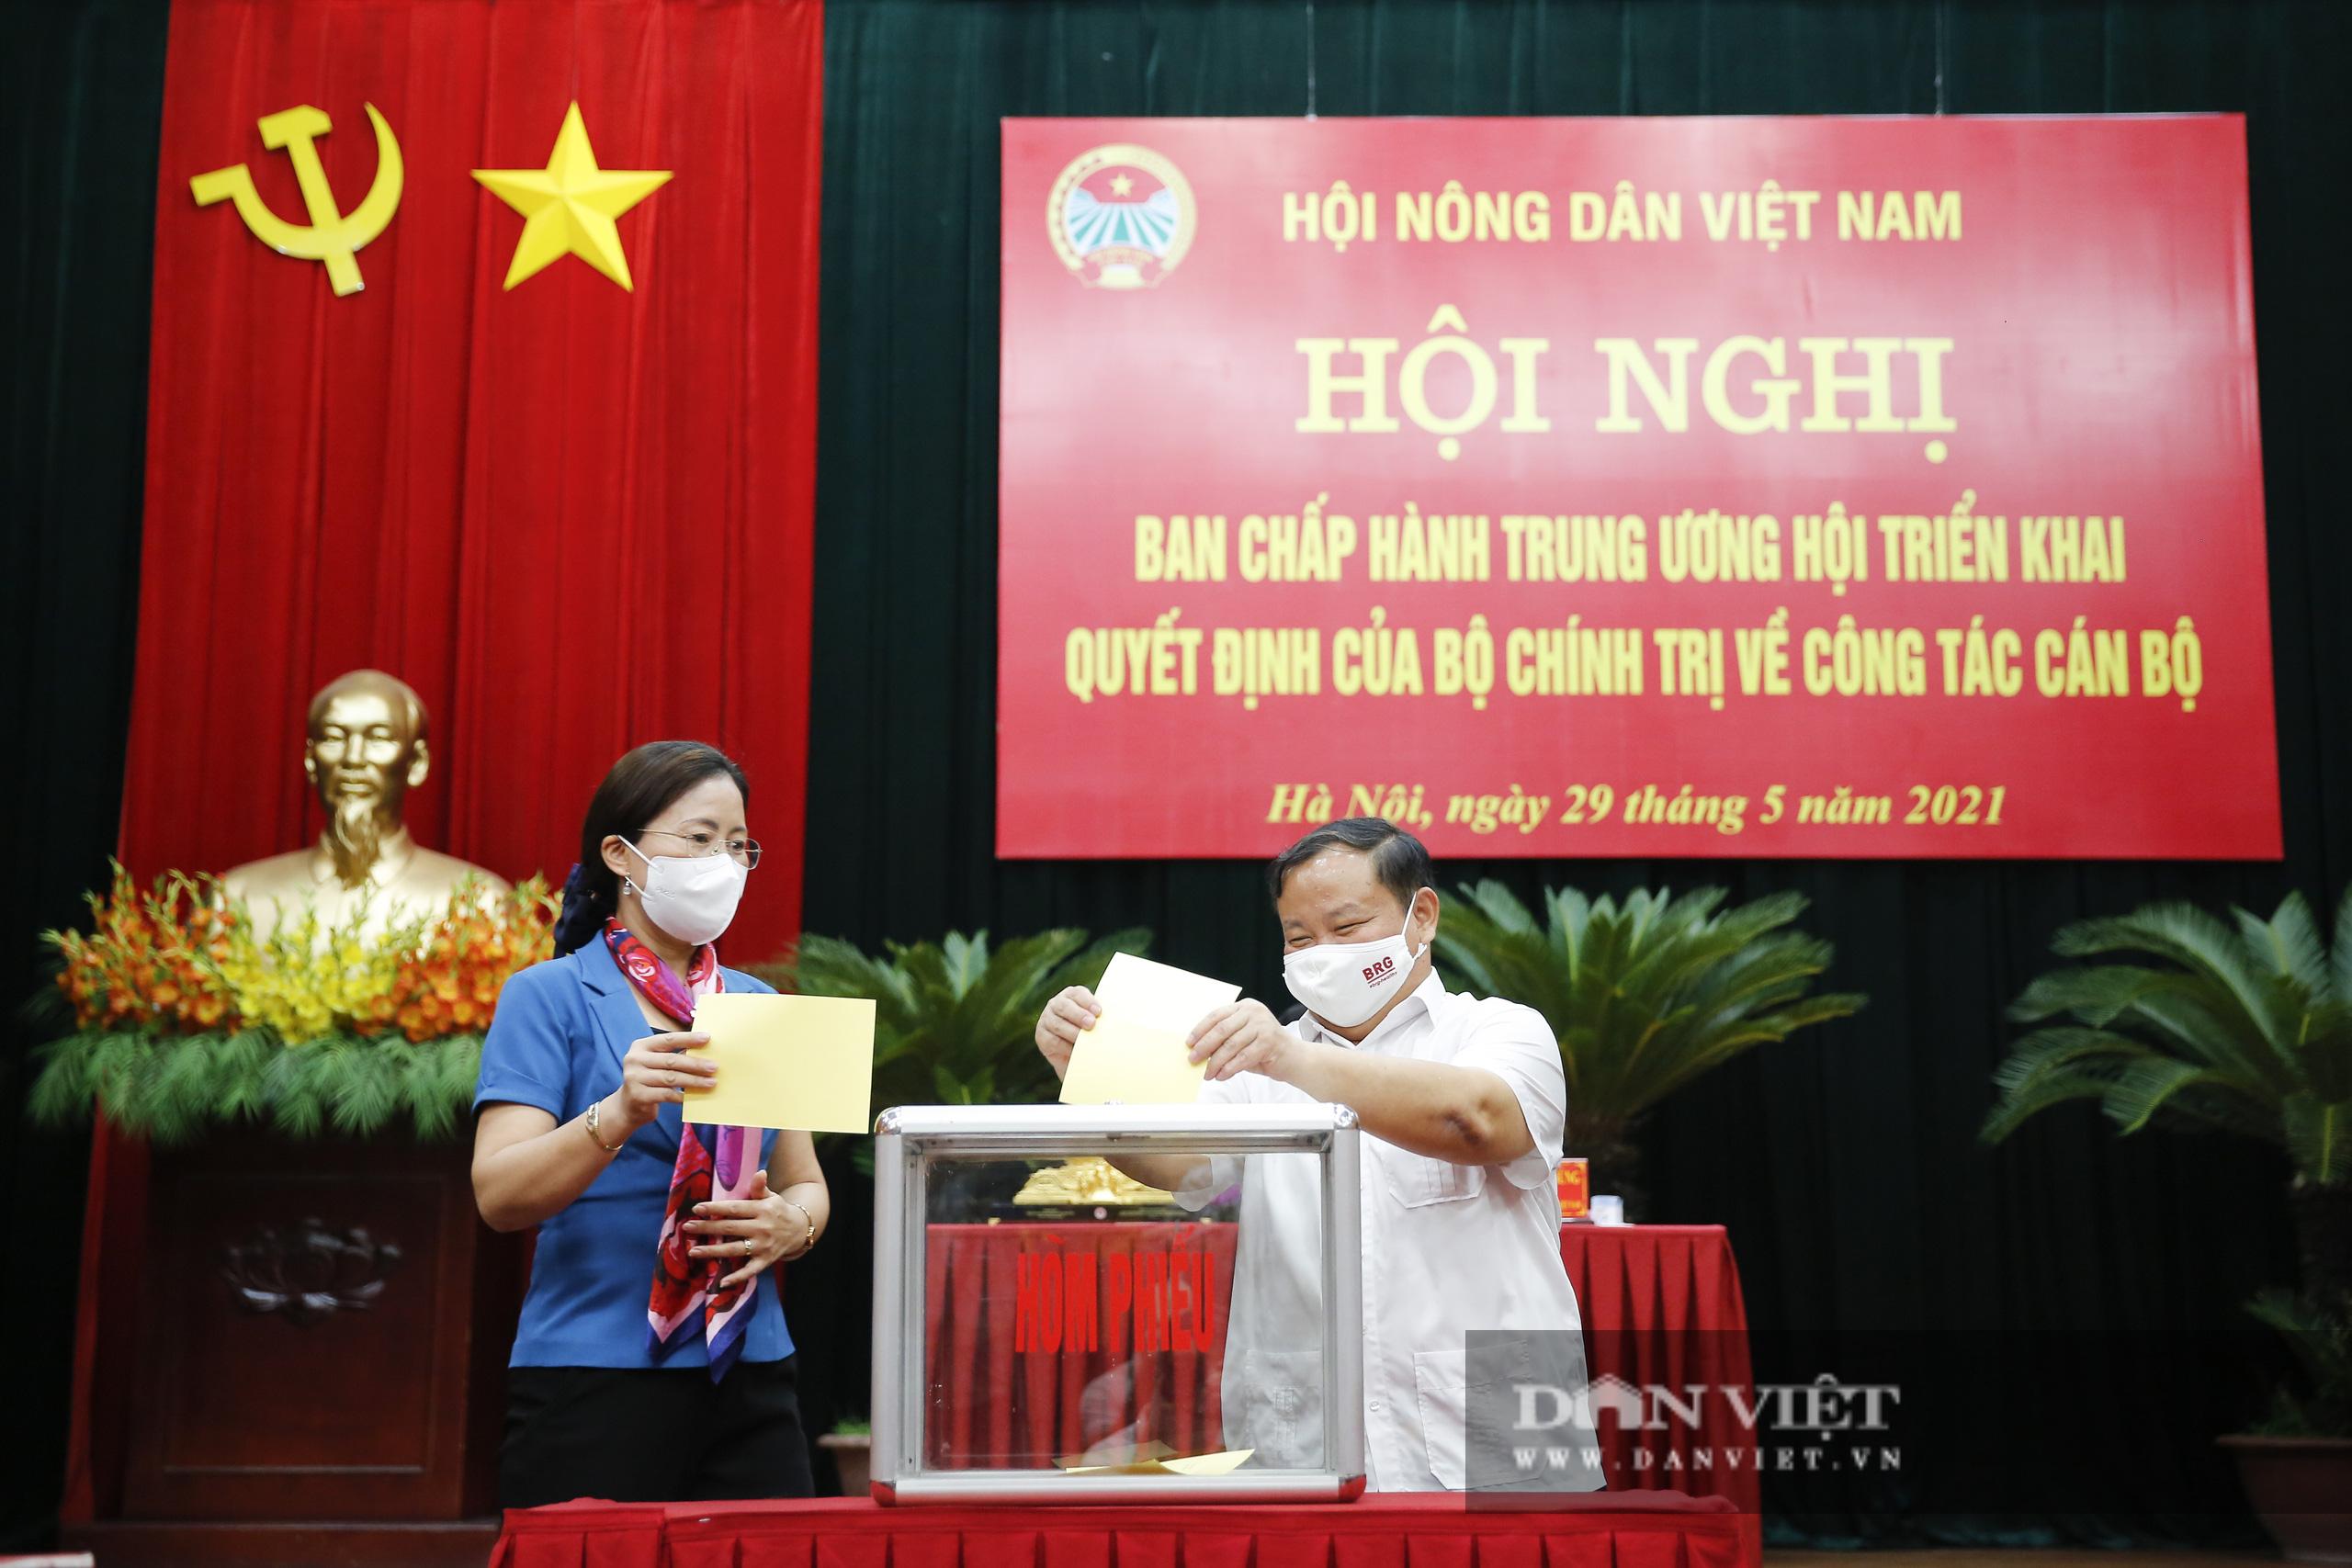 Ảnh: Hội nghị BCH TƯ Hội Nông dân Việt Nam triển khai quyết định của Bộ Chính trị về công tác cán bộ - Ảnh 11.